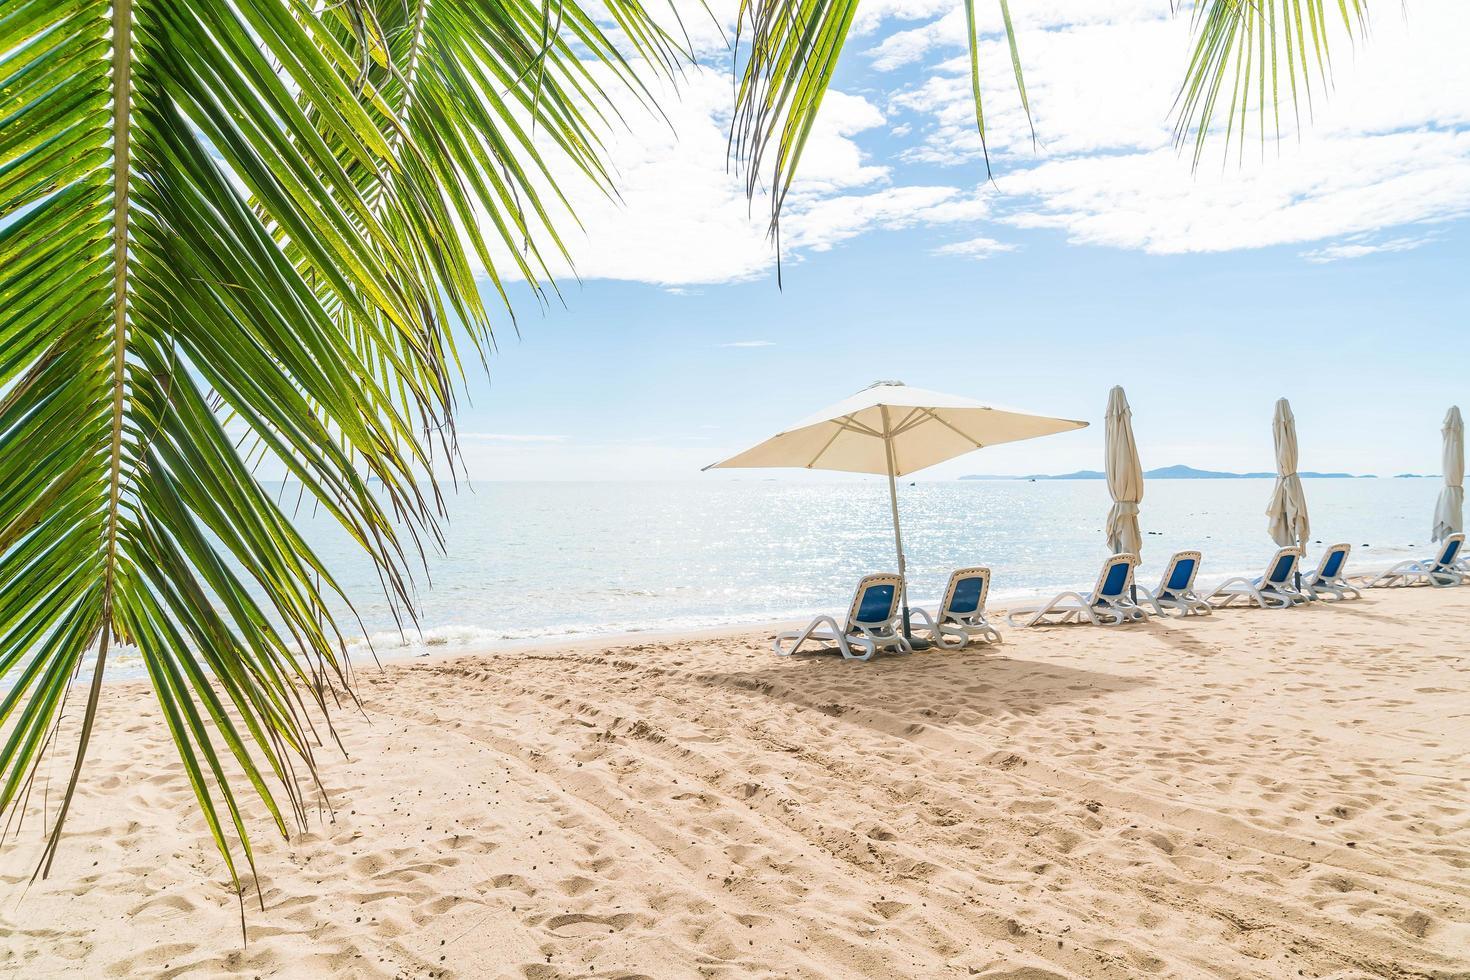 tropisch strand scène met open paraplu foto